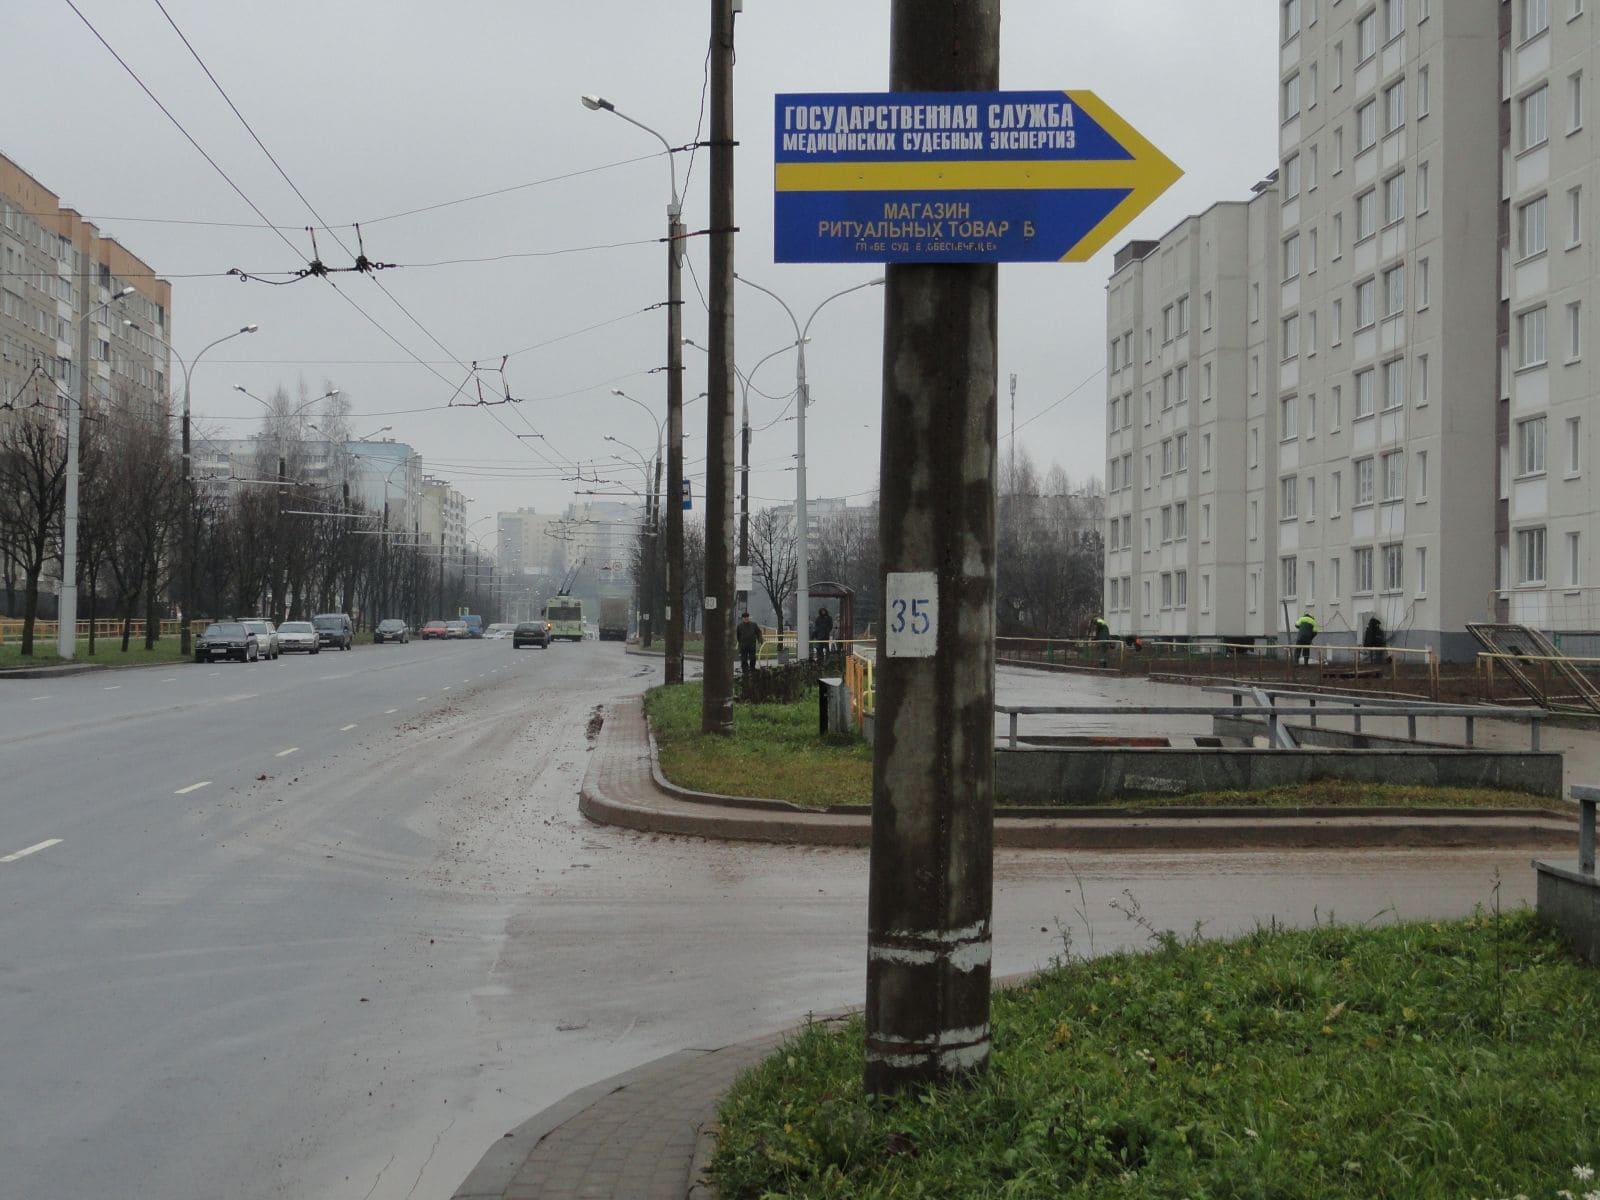 Магазин ритуальных услуг №1 Минск